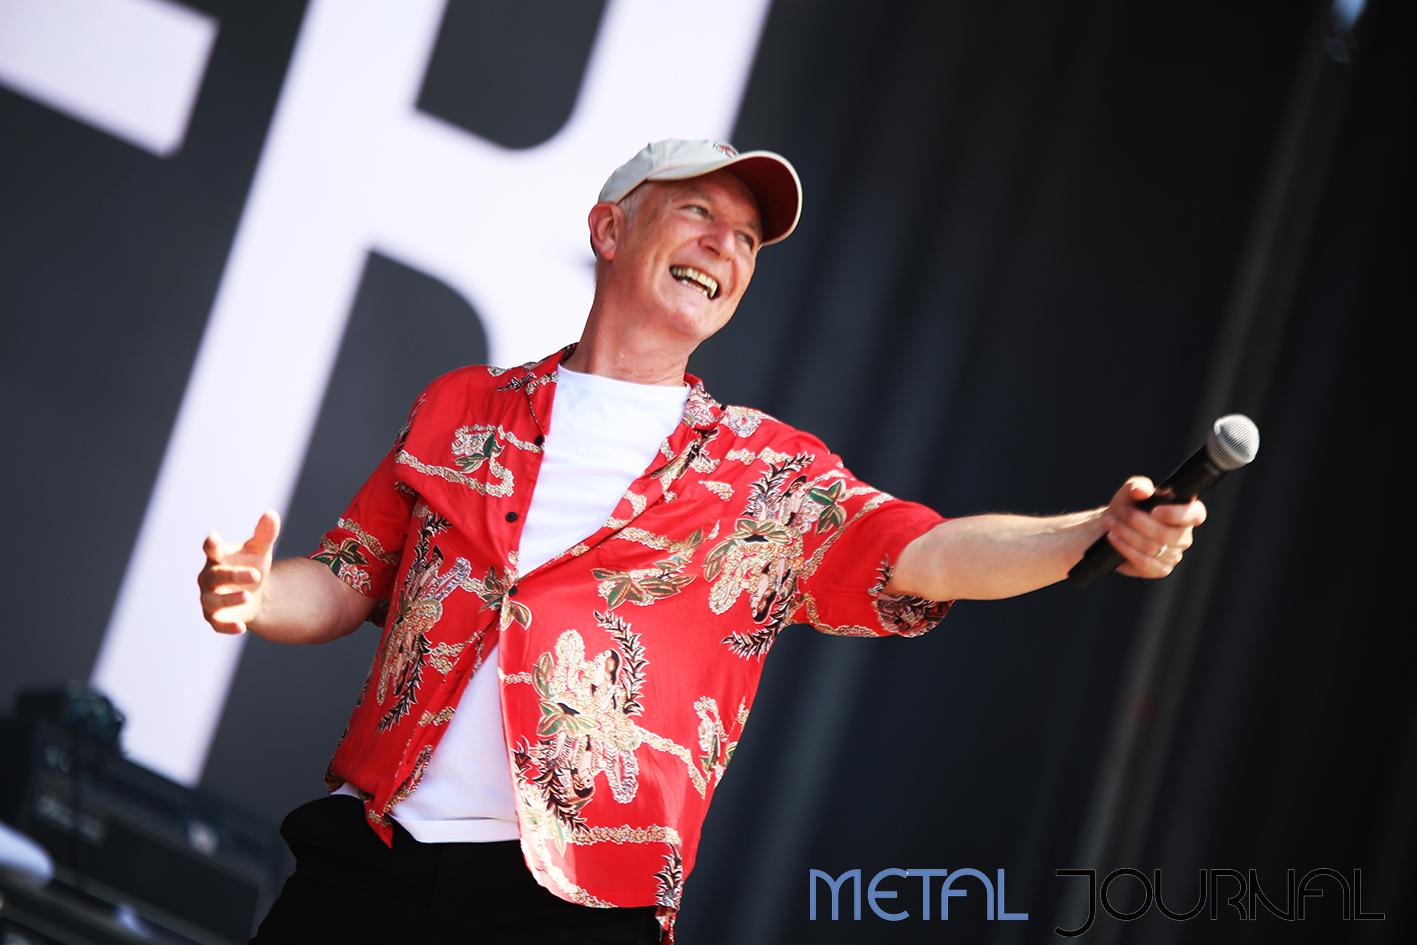 thunder - metal journal rock fest barcelona 2019 pic 1